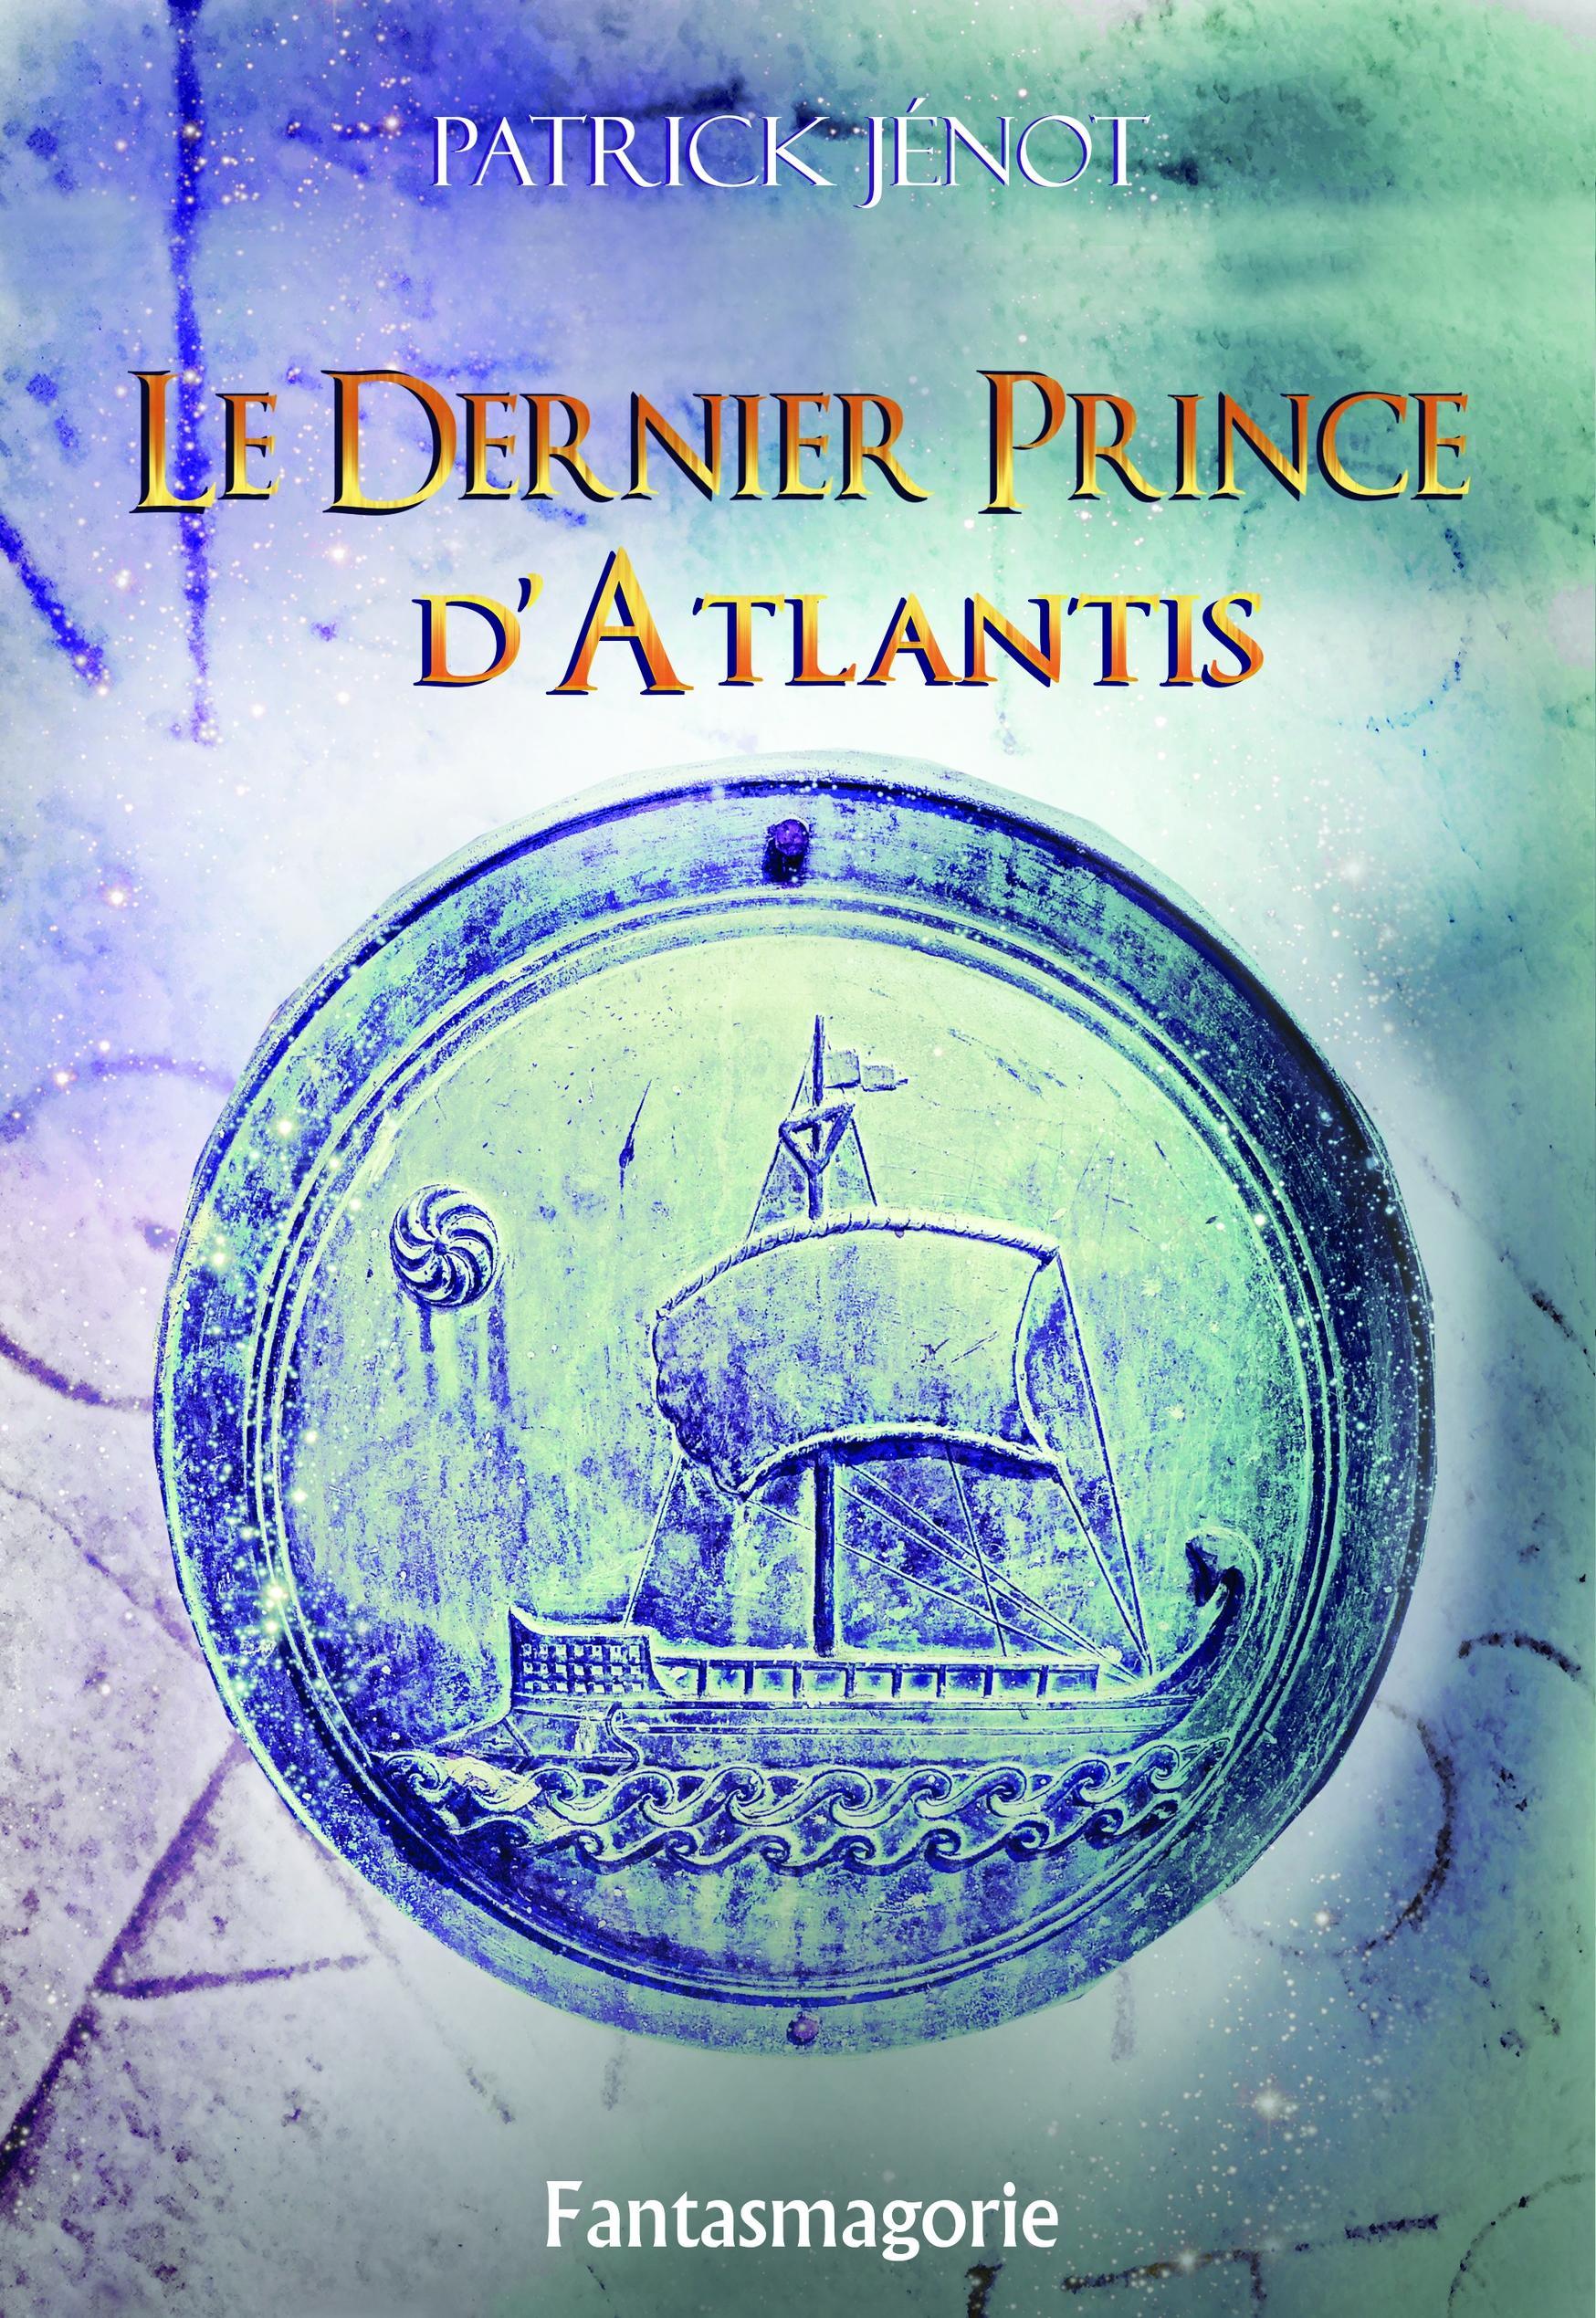 Le Dernier Prince d'Atlantis